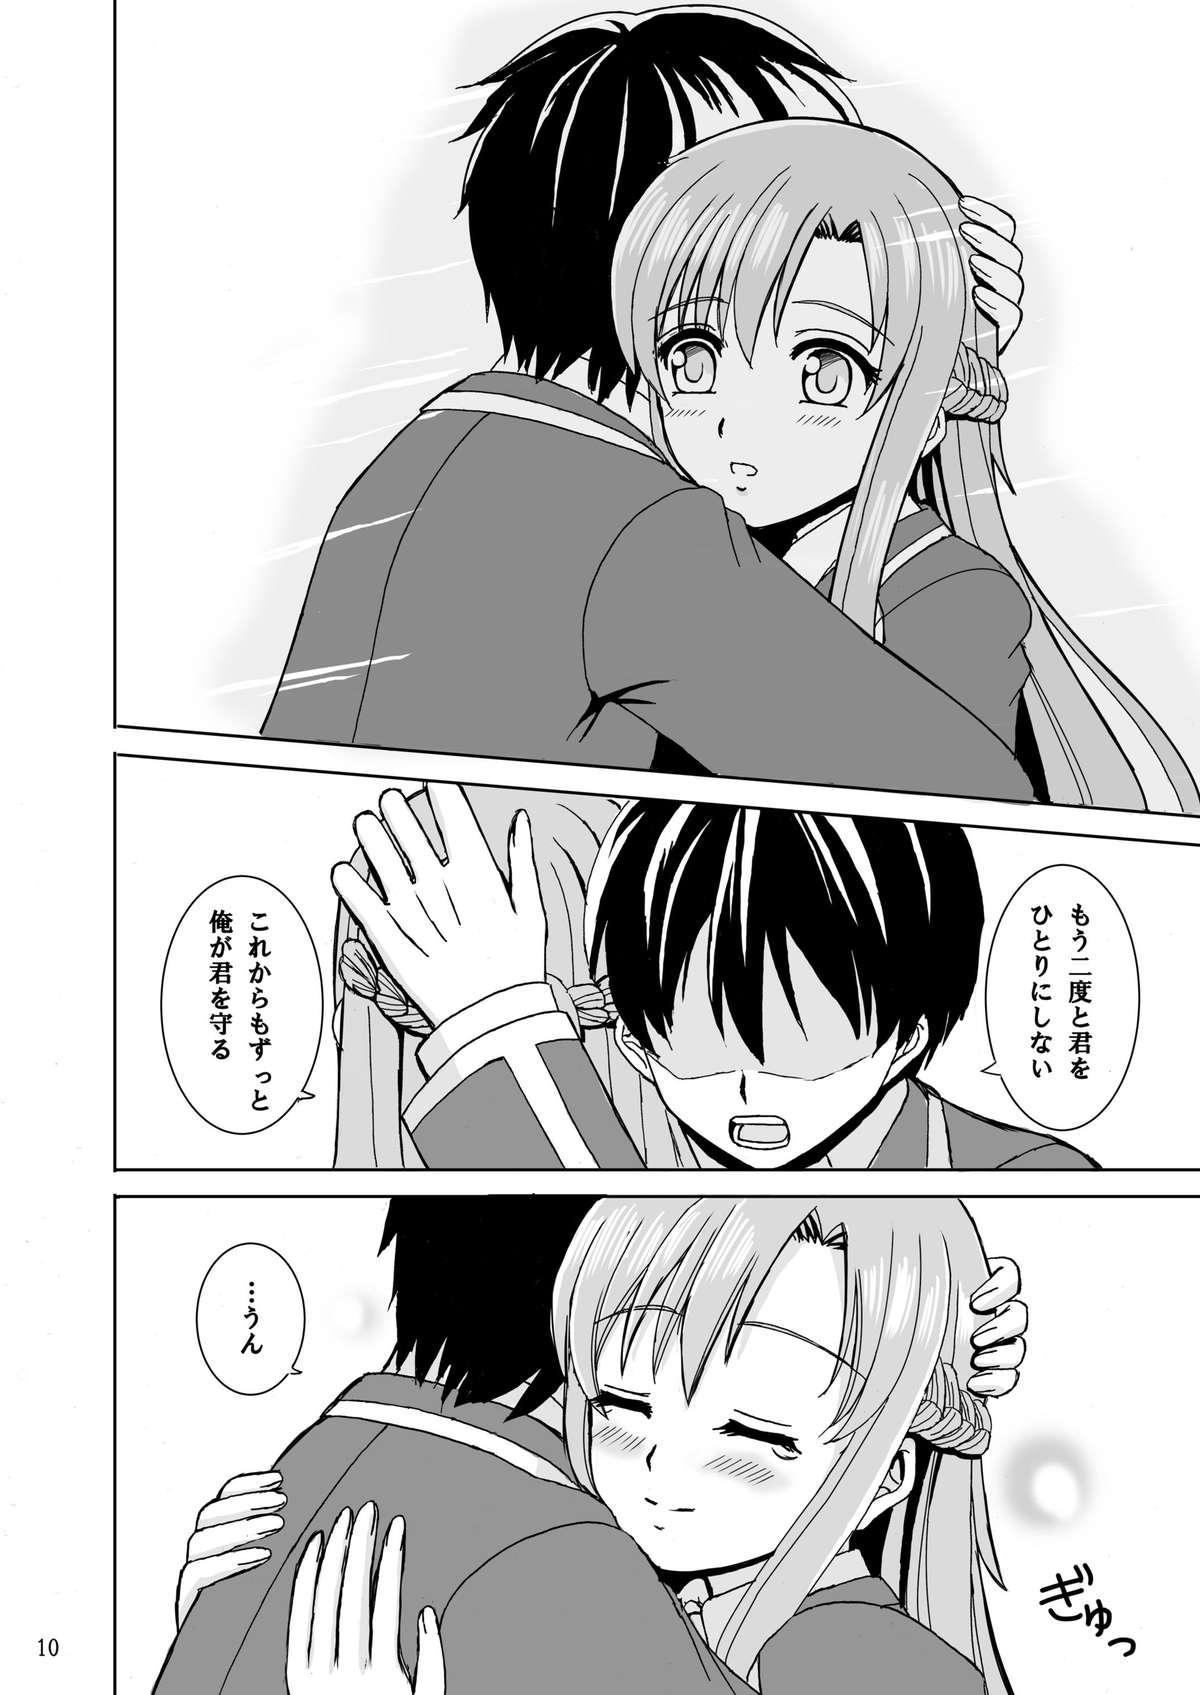 Zutto Kimi to Issho ni 9